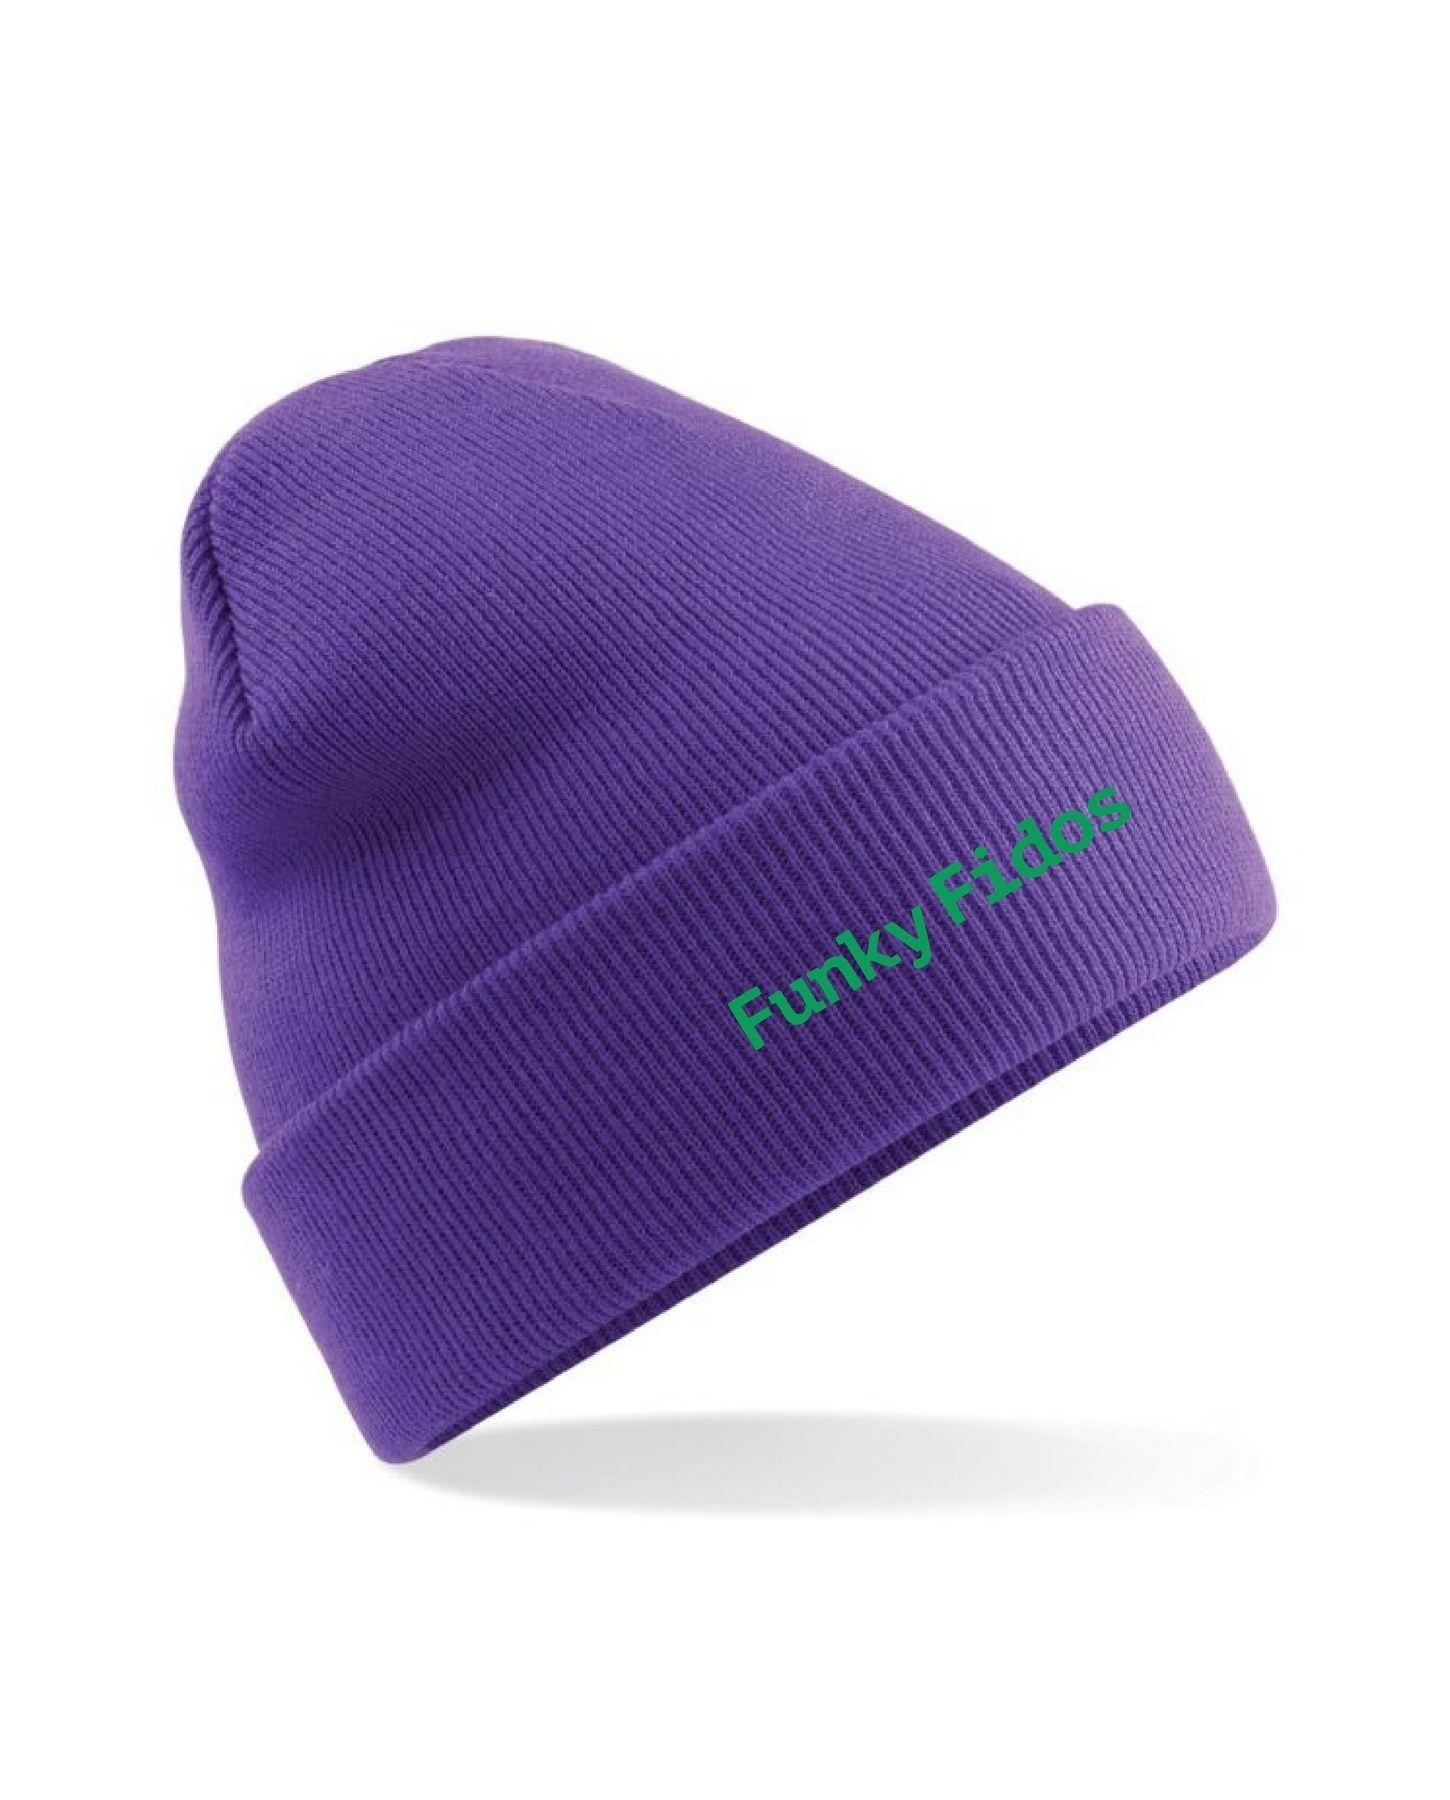 Funky Fidos – Beanie (Purple)